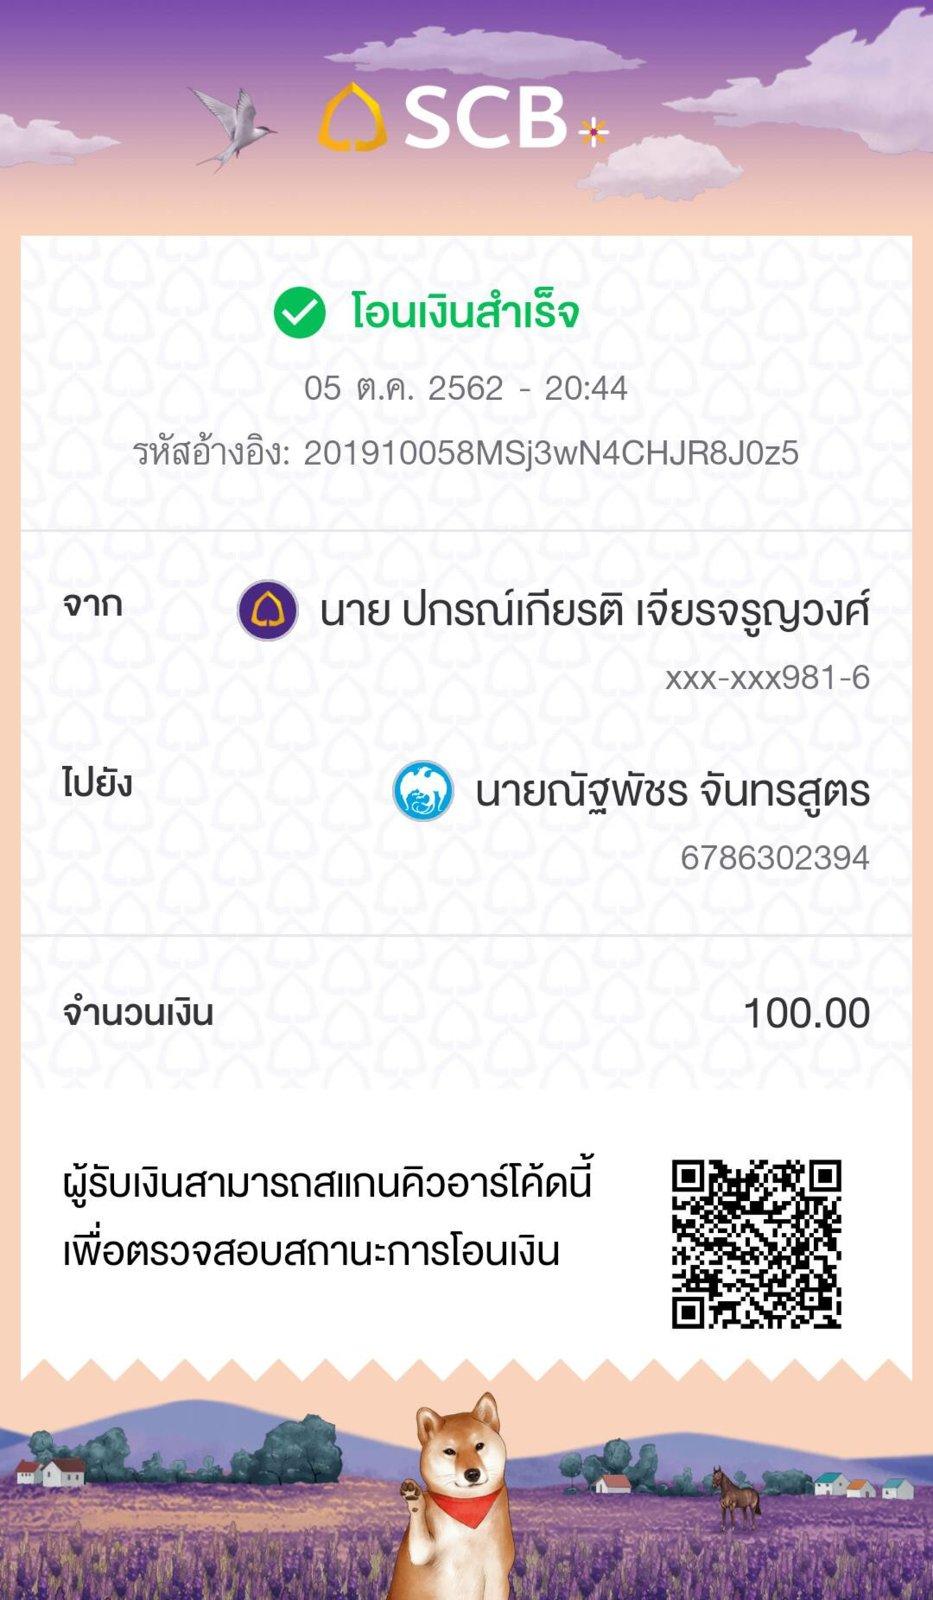 TXN_201910058MSj3wN4CHJR8J0z5.jpg